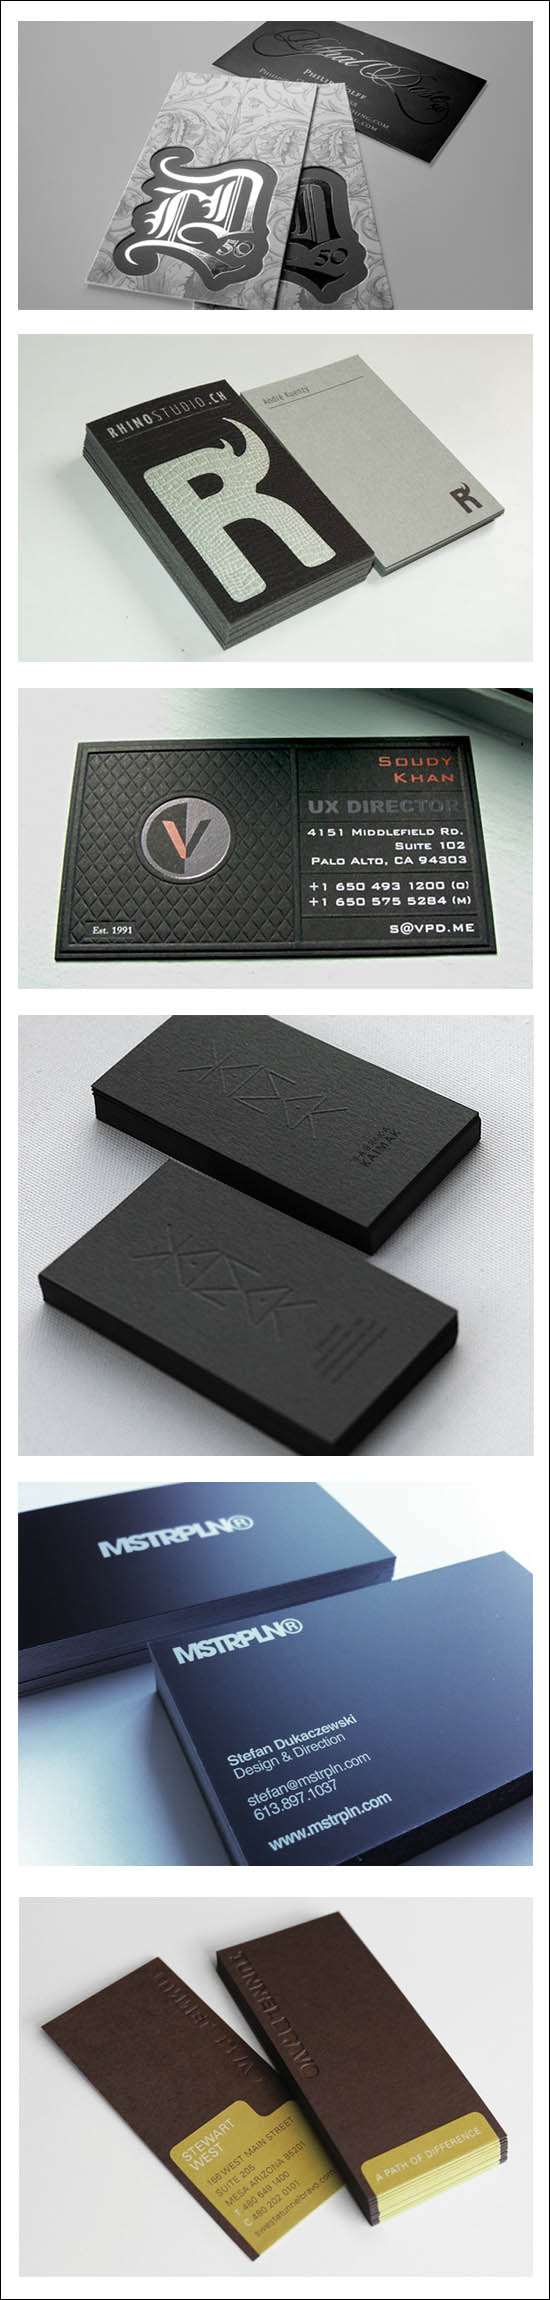 bc.designercards